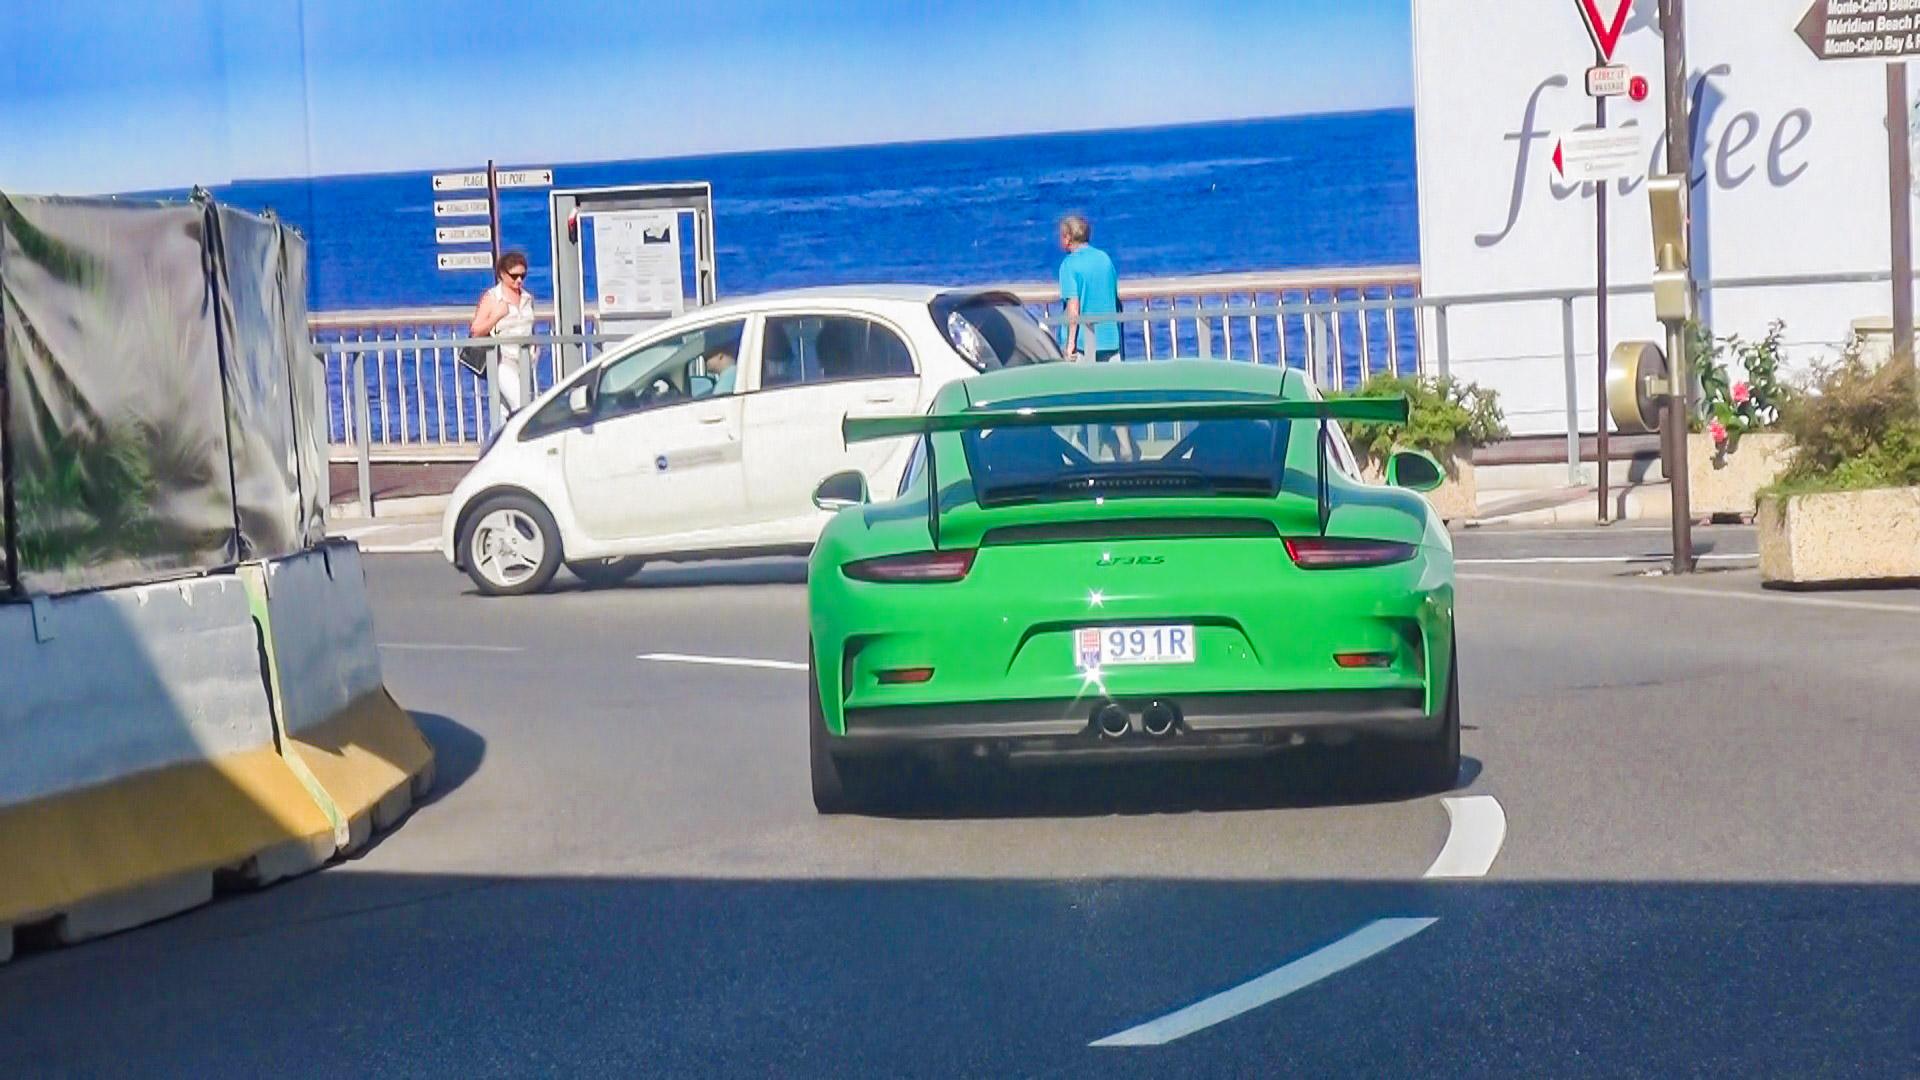 Porsche 911 GT3 RS - 991R (MC)